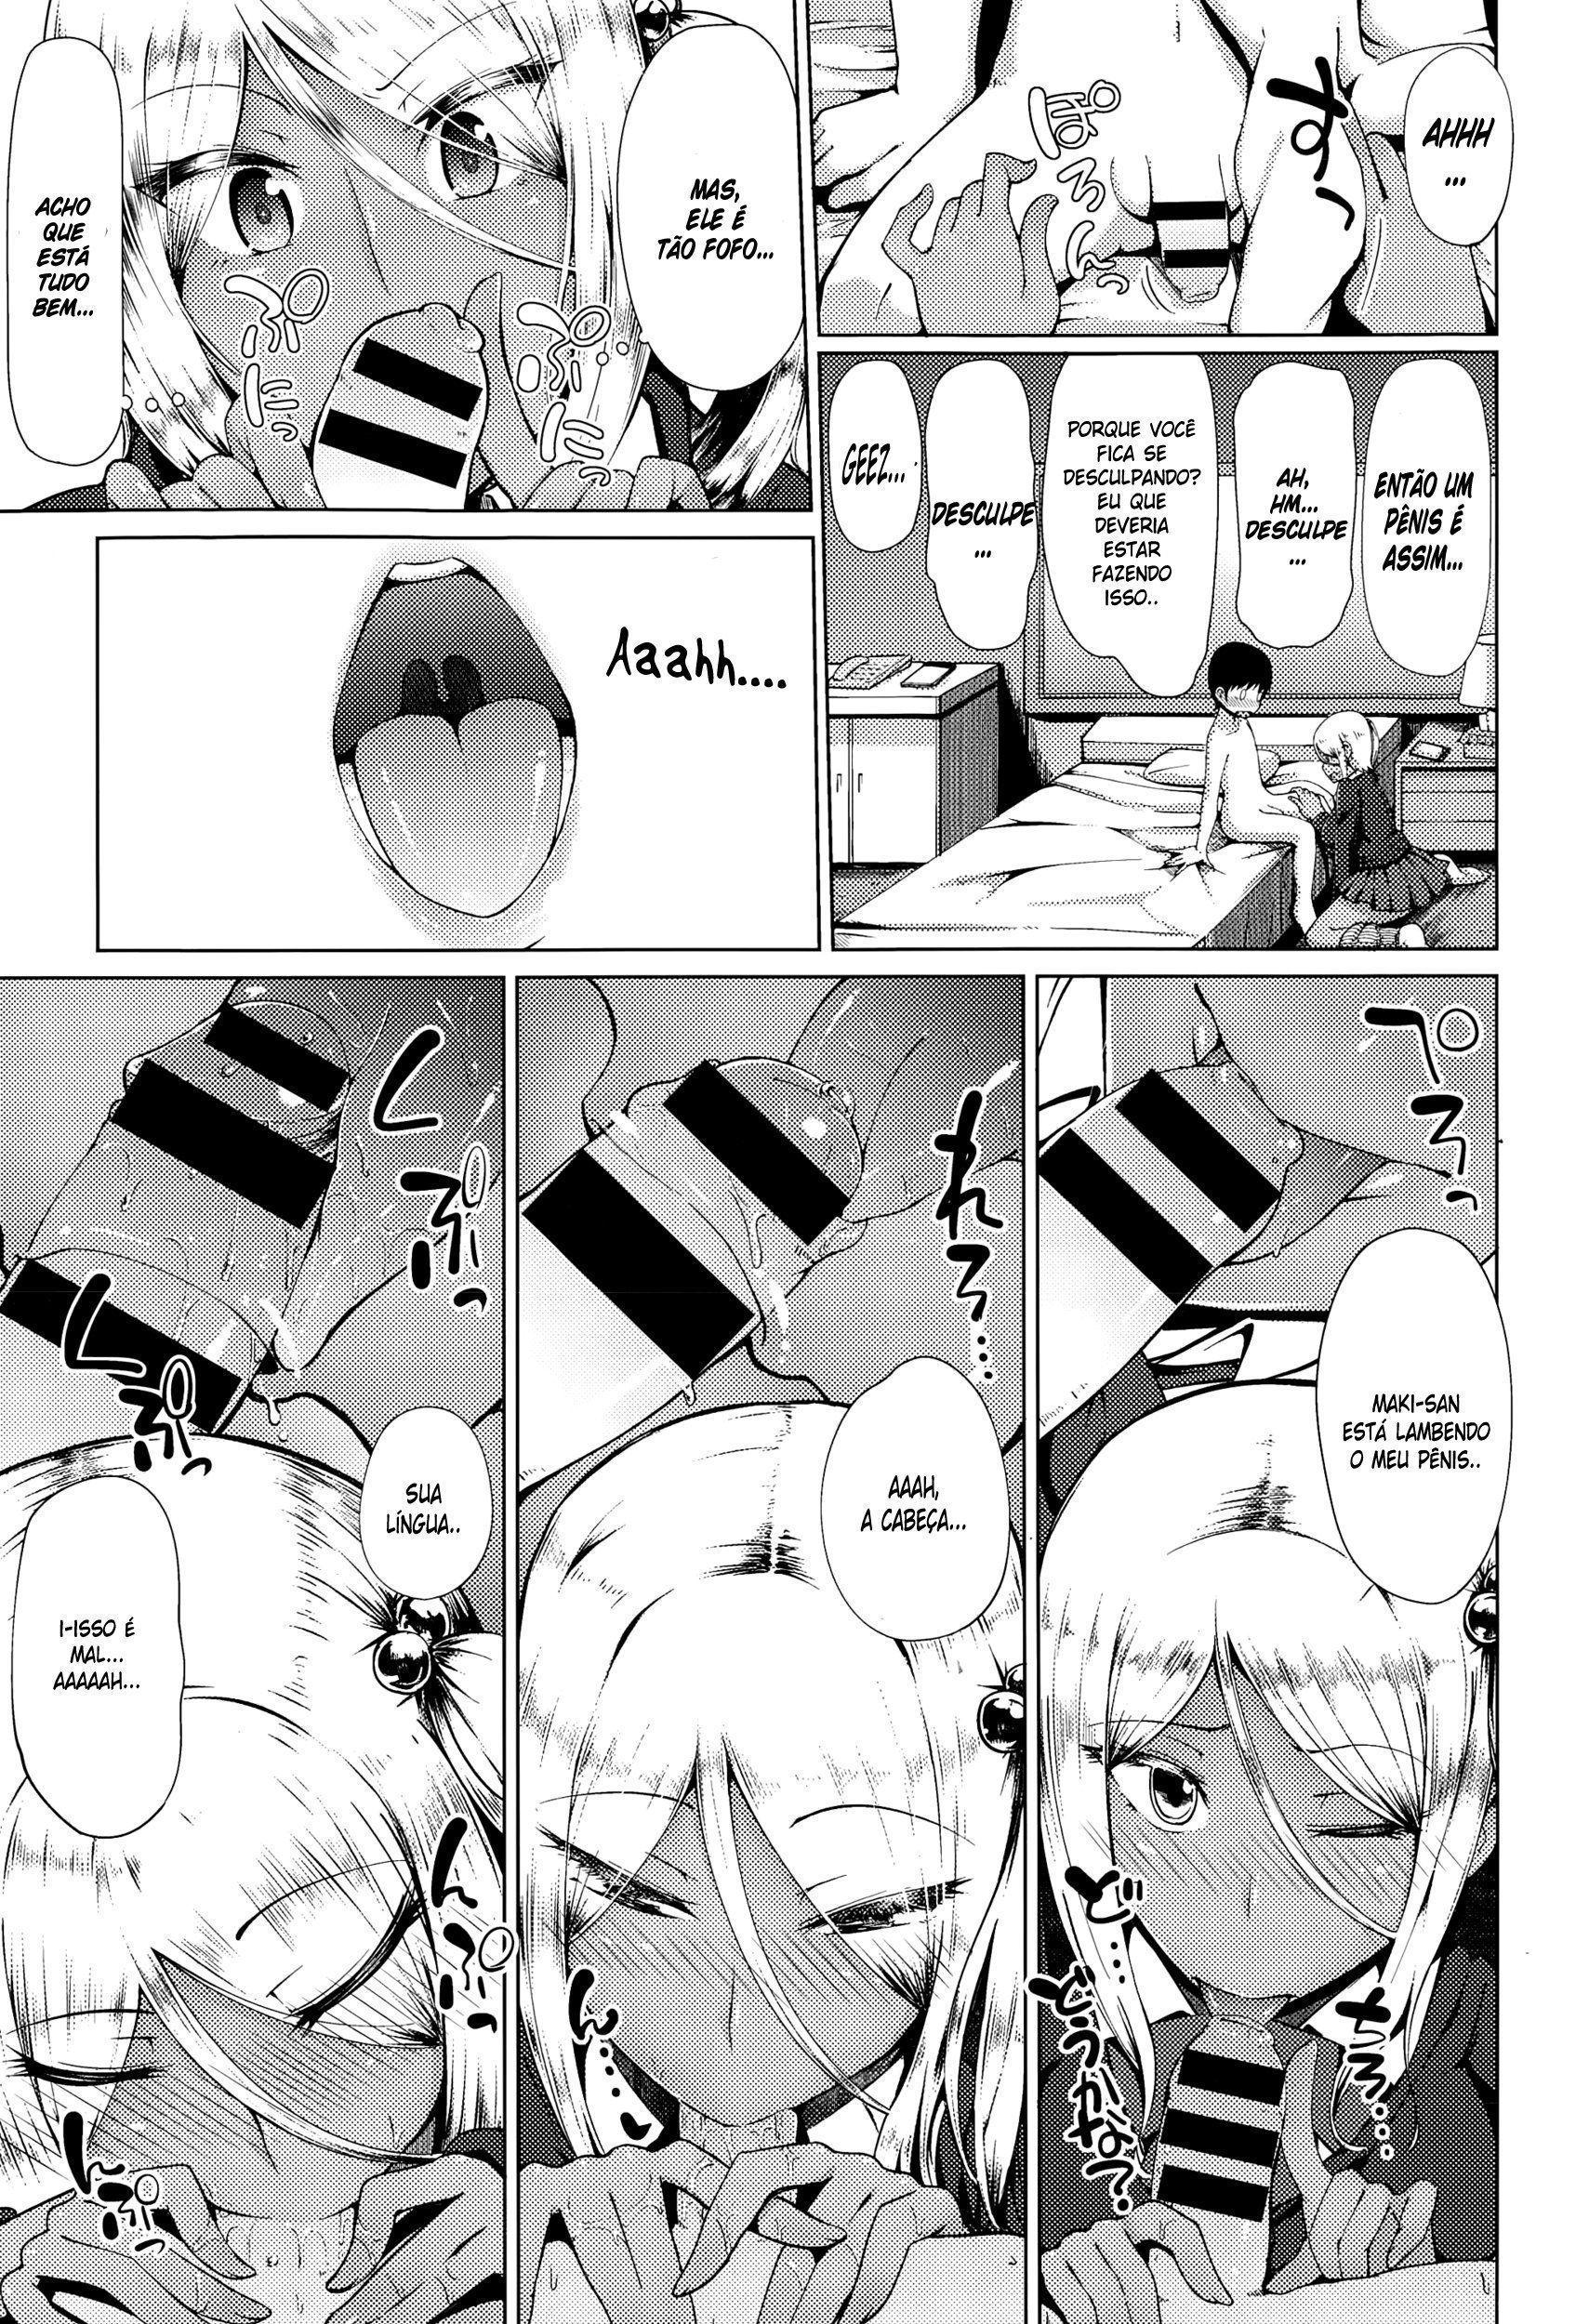 Sexo-com-à-peituda-dos-sonhos-hentai-7